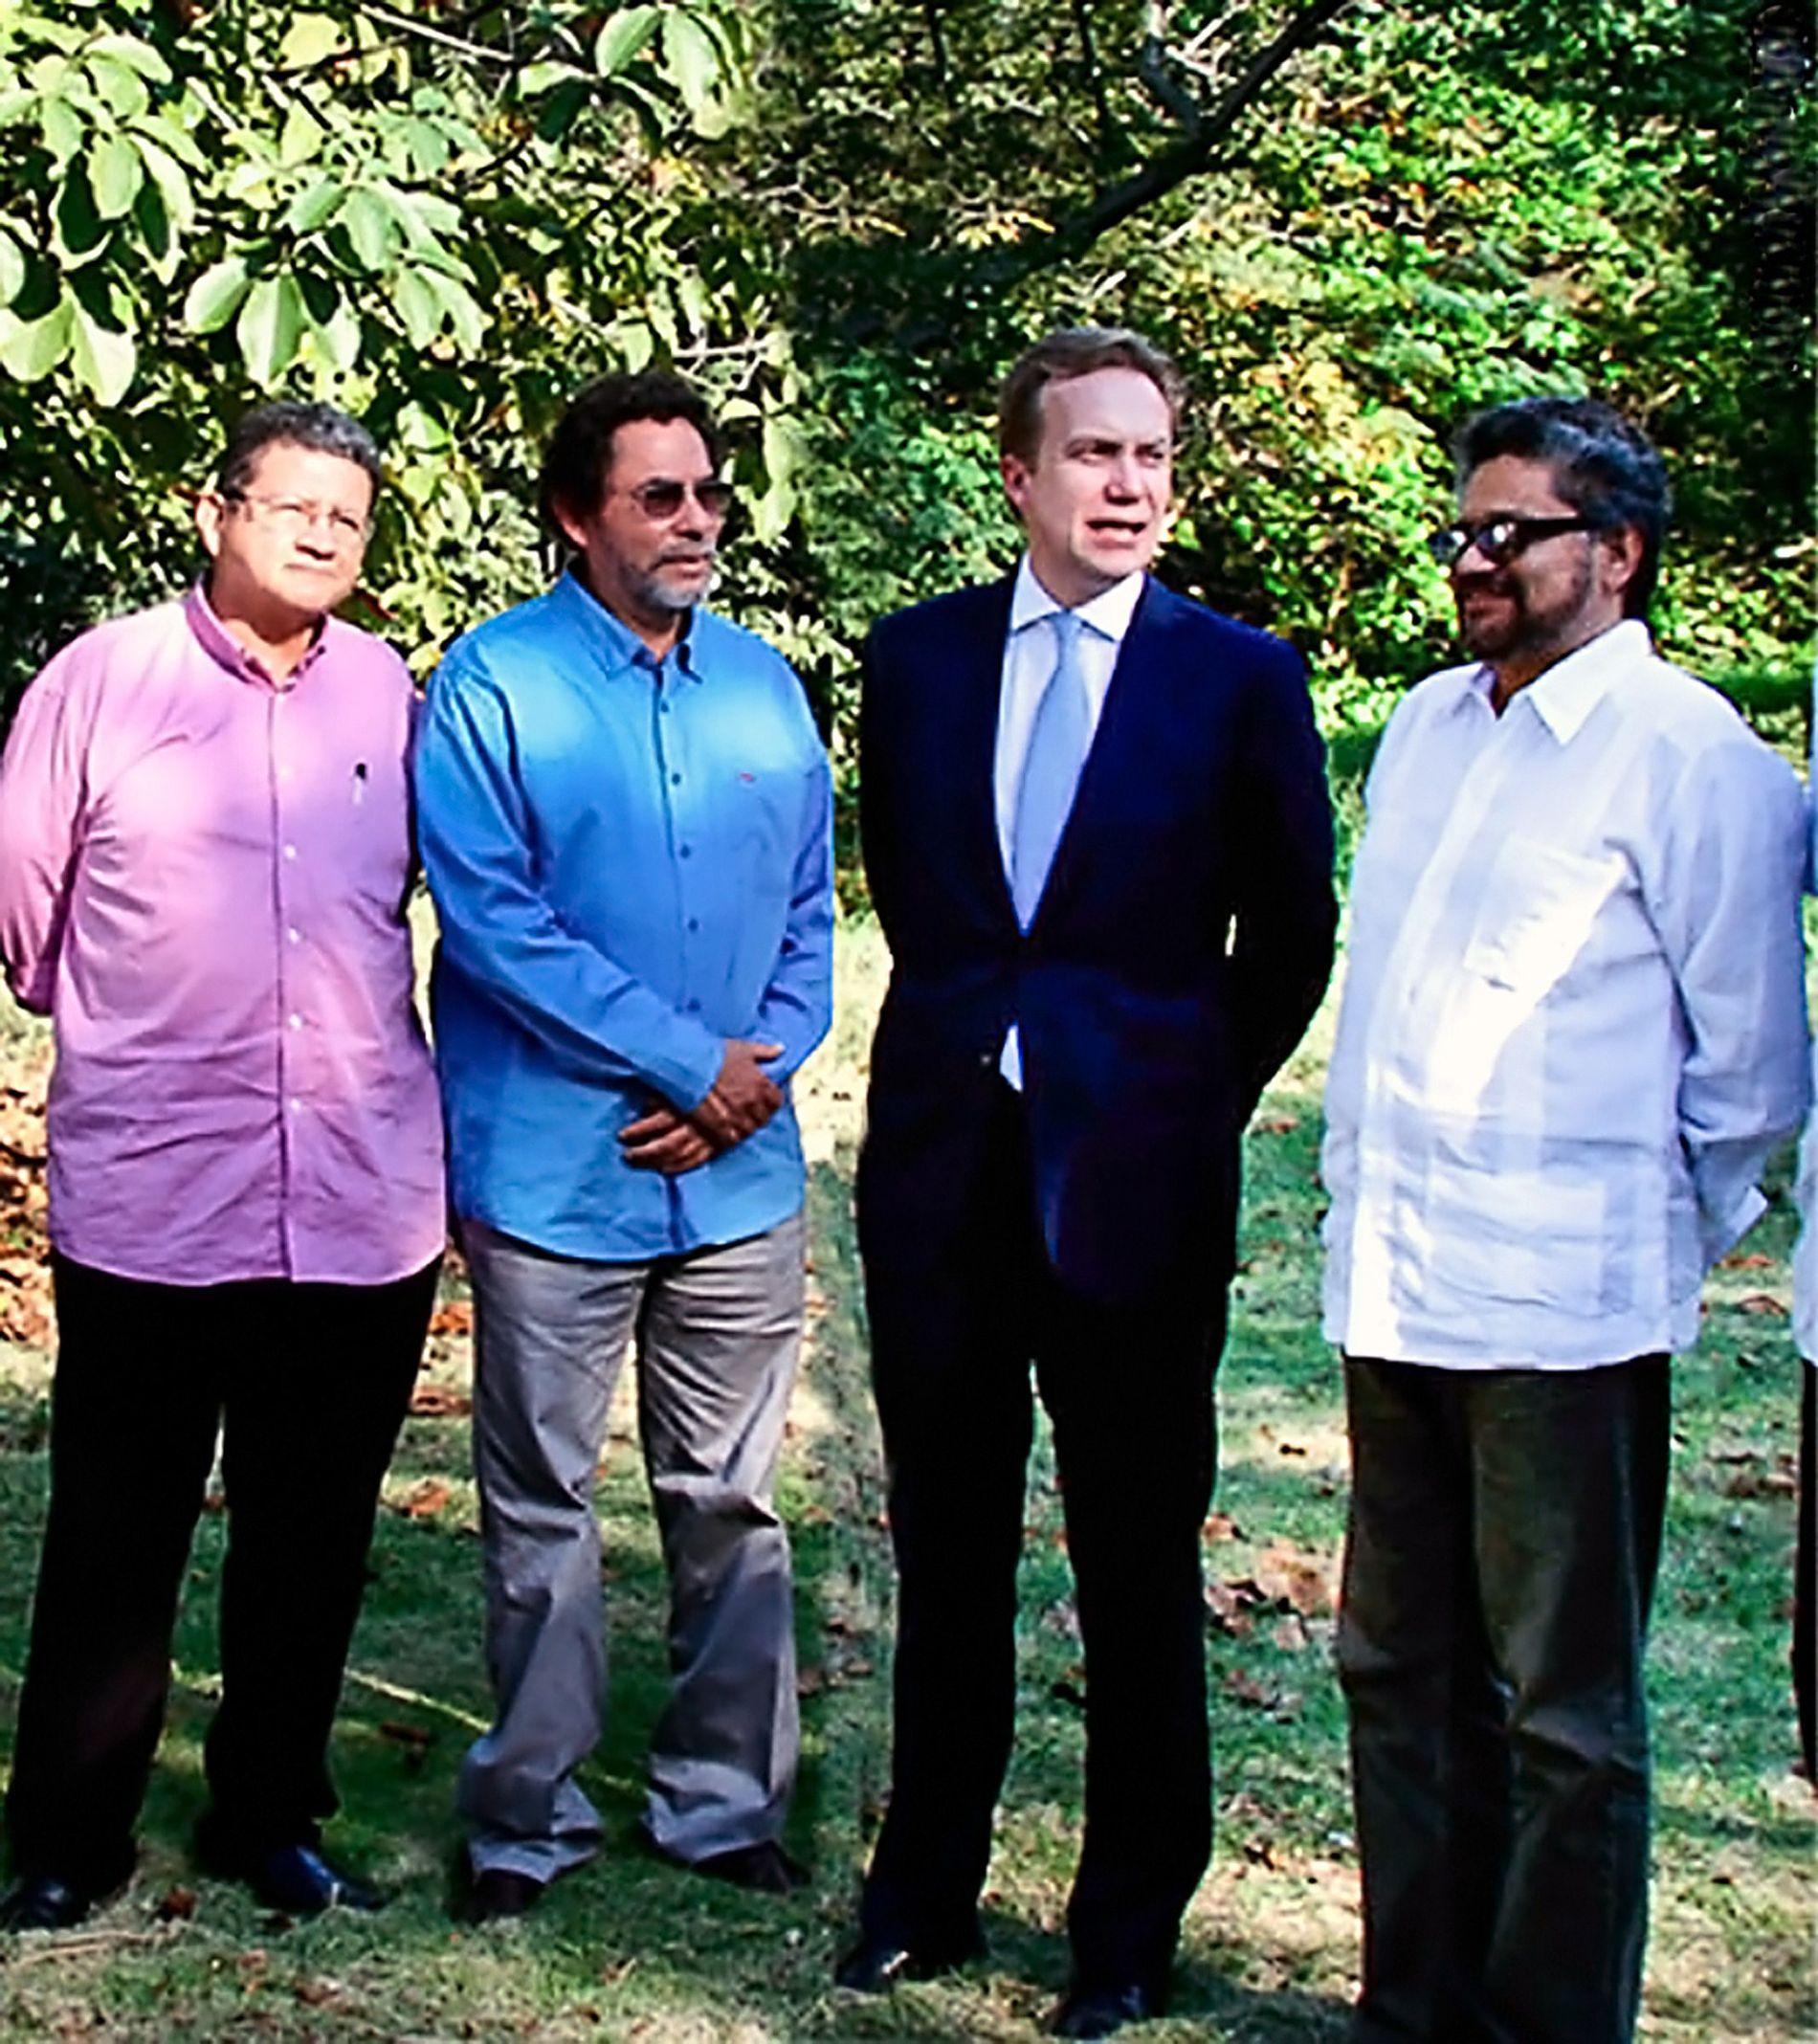 SENTRAL: Utenriksminister Børge Brende møter Pablo Catatumbo (fra venstre), Pastor Alape og Ivan Marquez i Havana på Cuba i februar 2015.